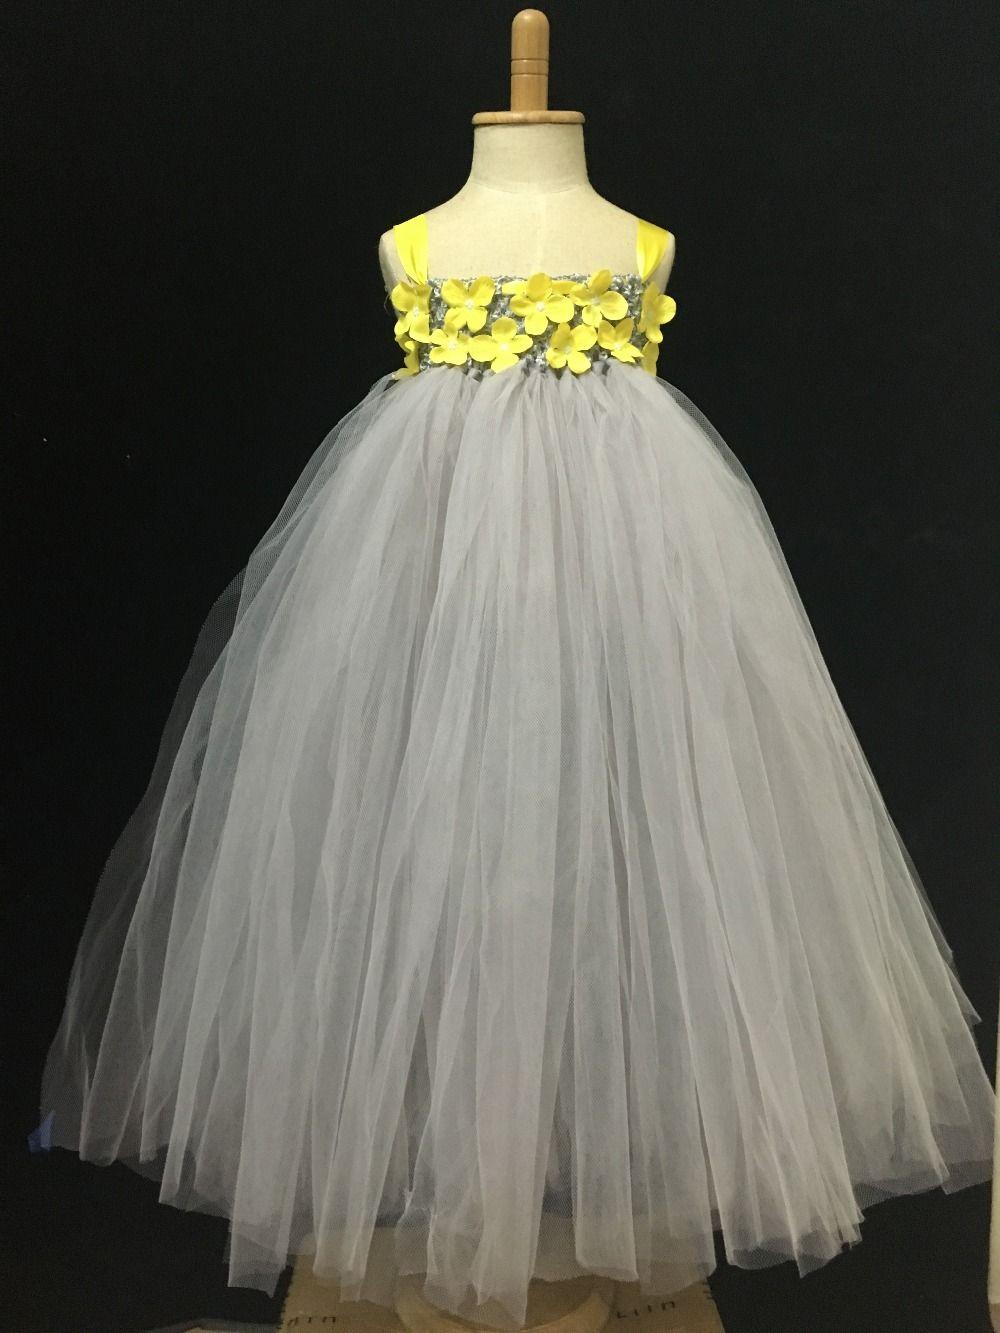 Petites filles gris longue Tutu robe enfants moelleux Tulle Tutus robe de bal avec fleur jaune et bandeau enfants robe de soirée de mariage